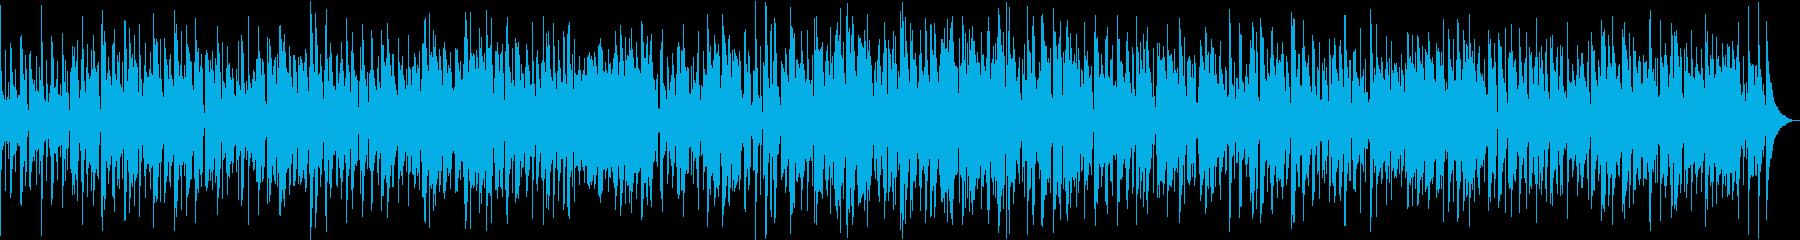 サックスとピアノのゆったりジャズバラードの再生済みの波形